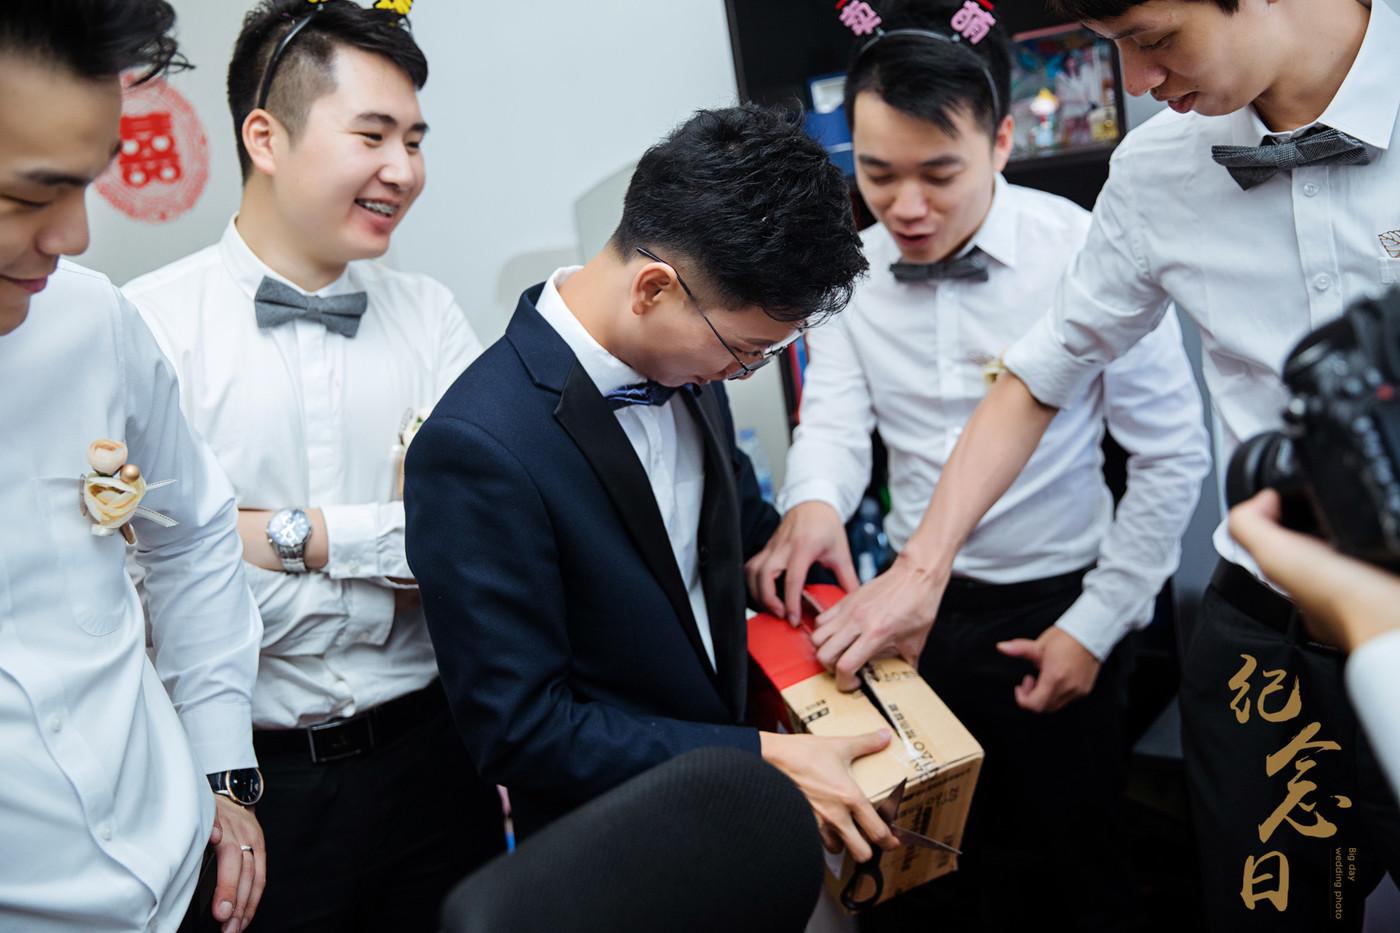 婚礼 | 志明&琳琳45